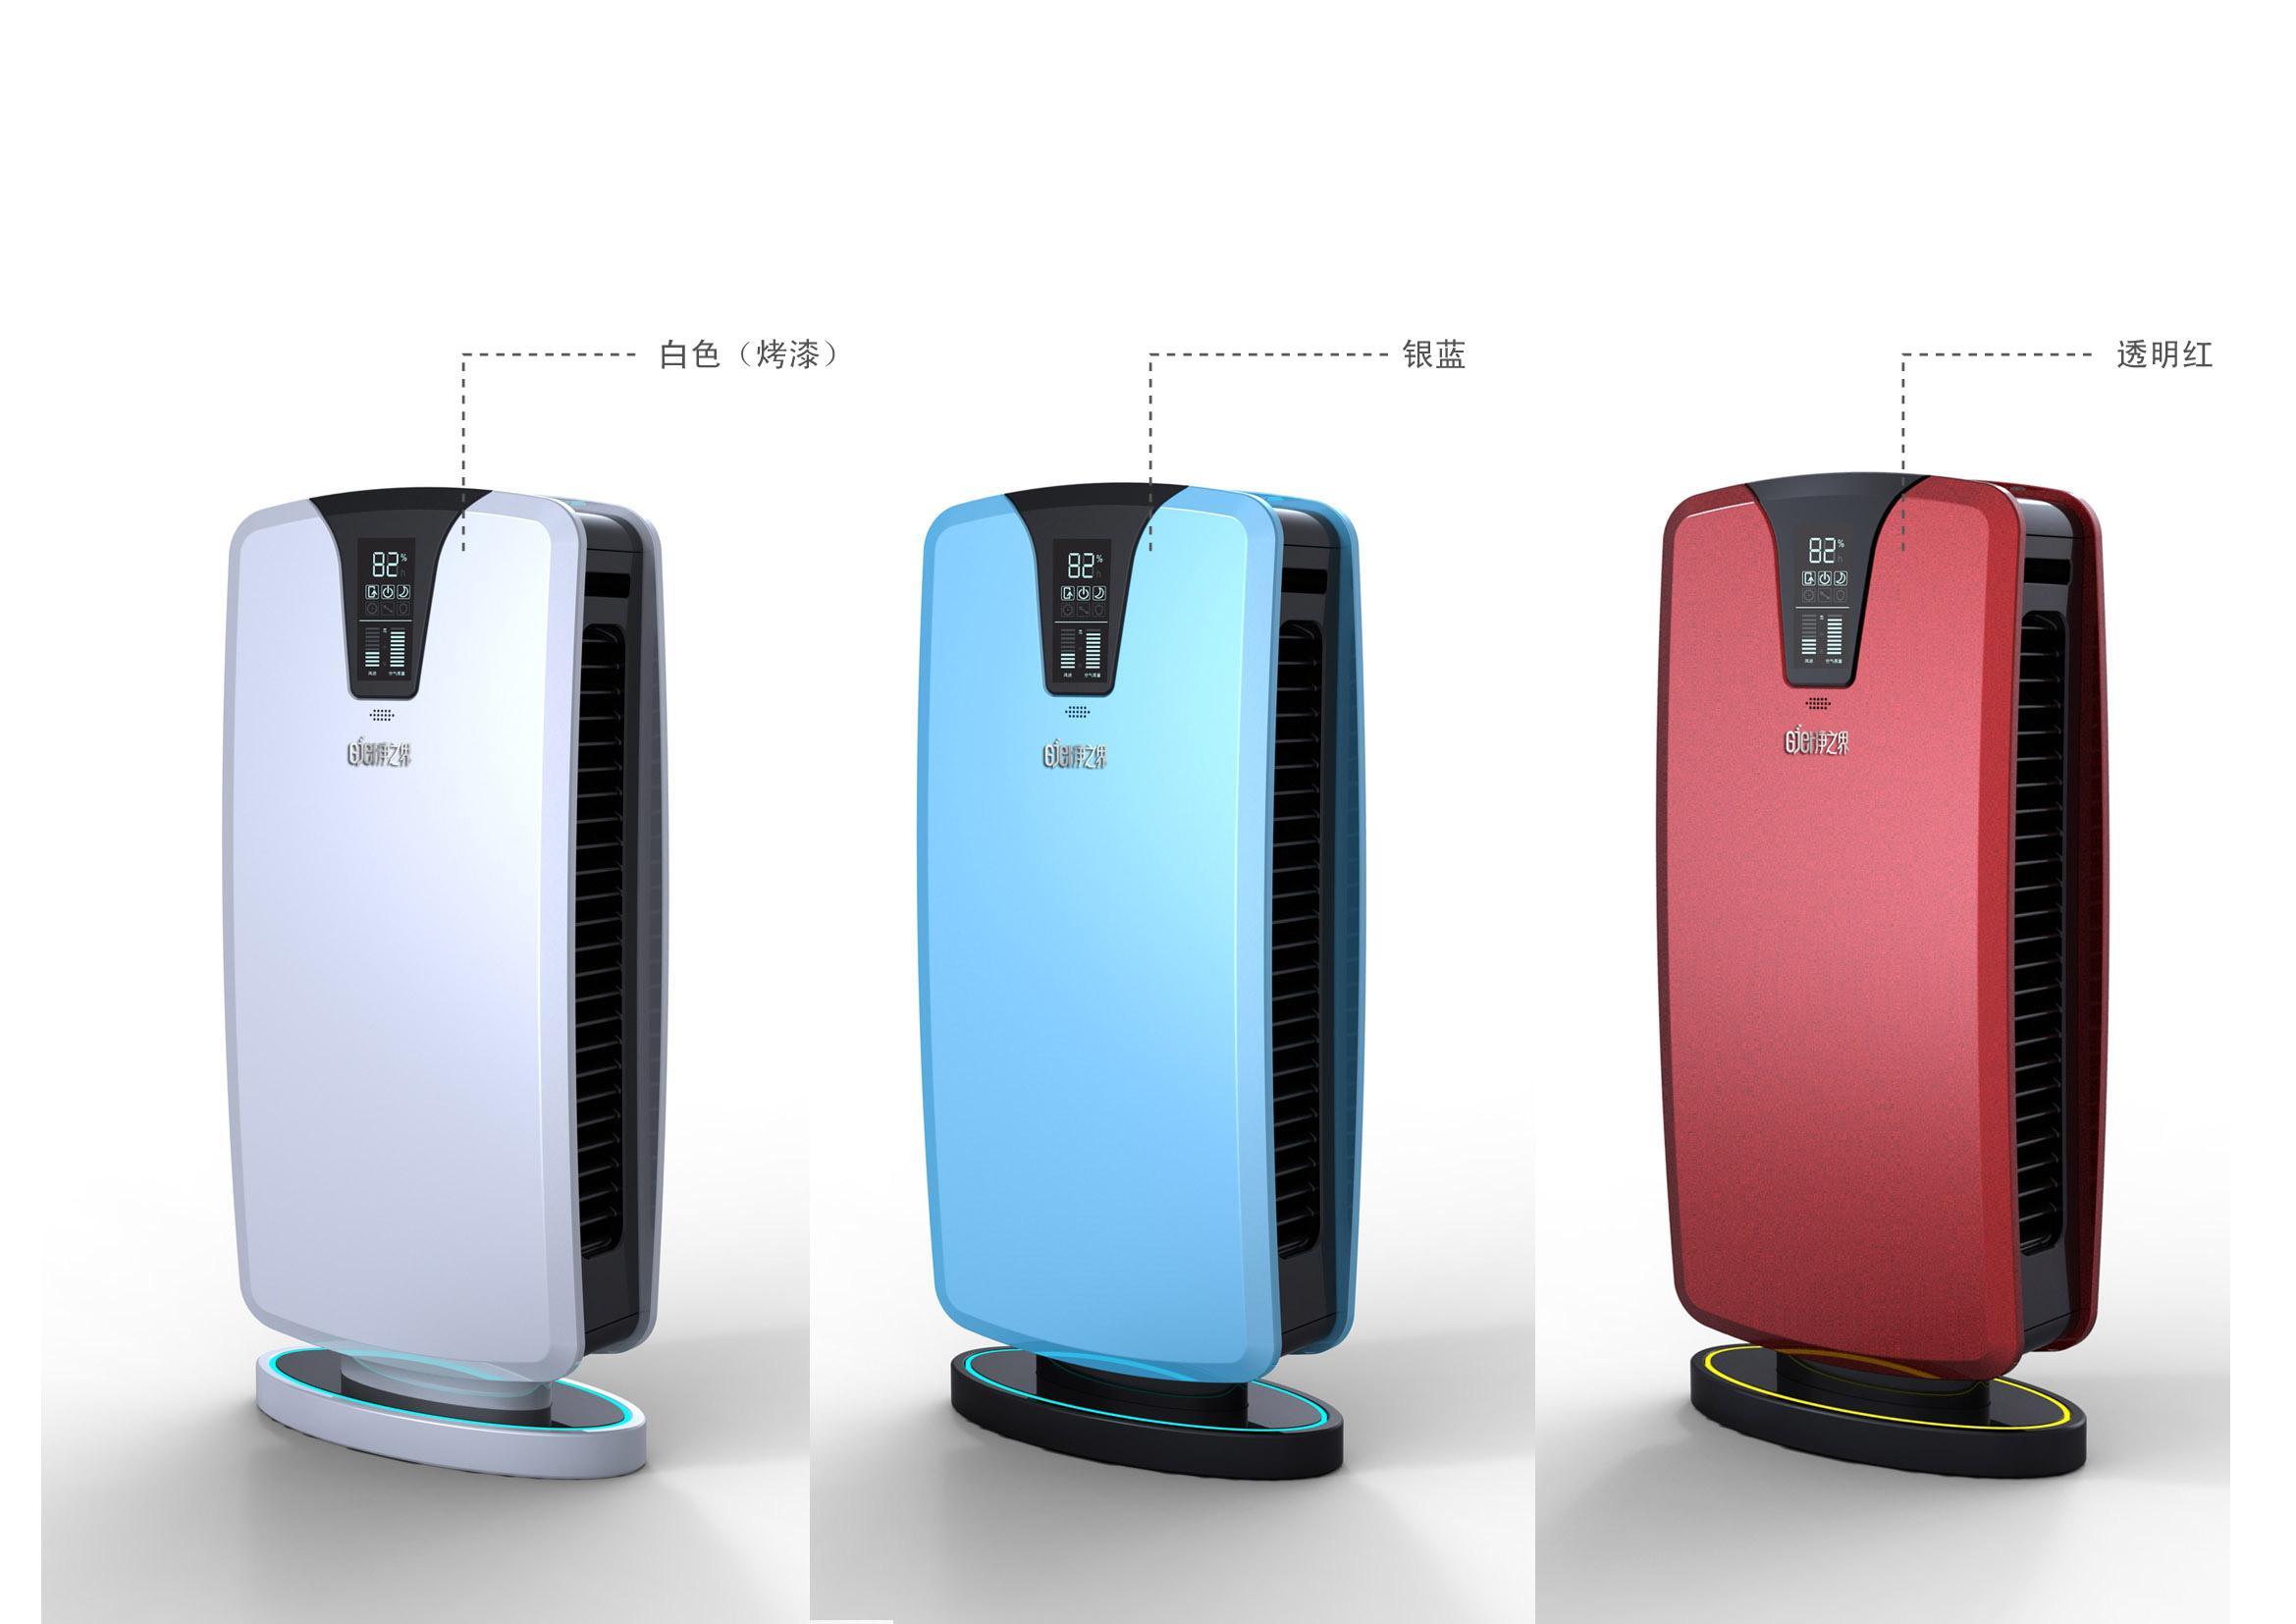 空气净化器如何安装—空气净化器安装位置有哪些